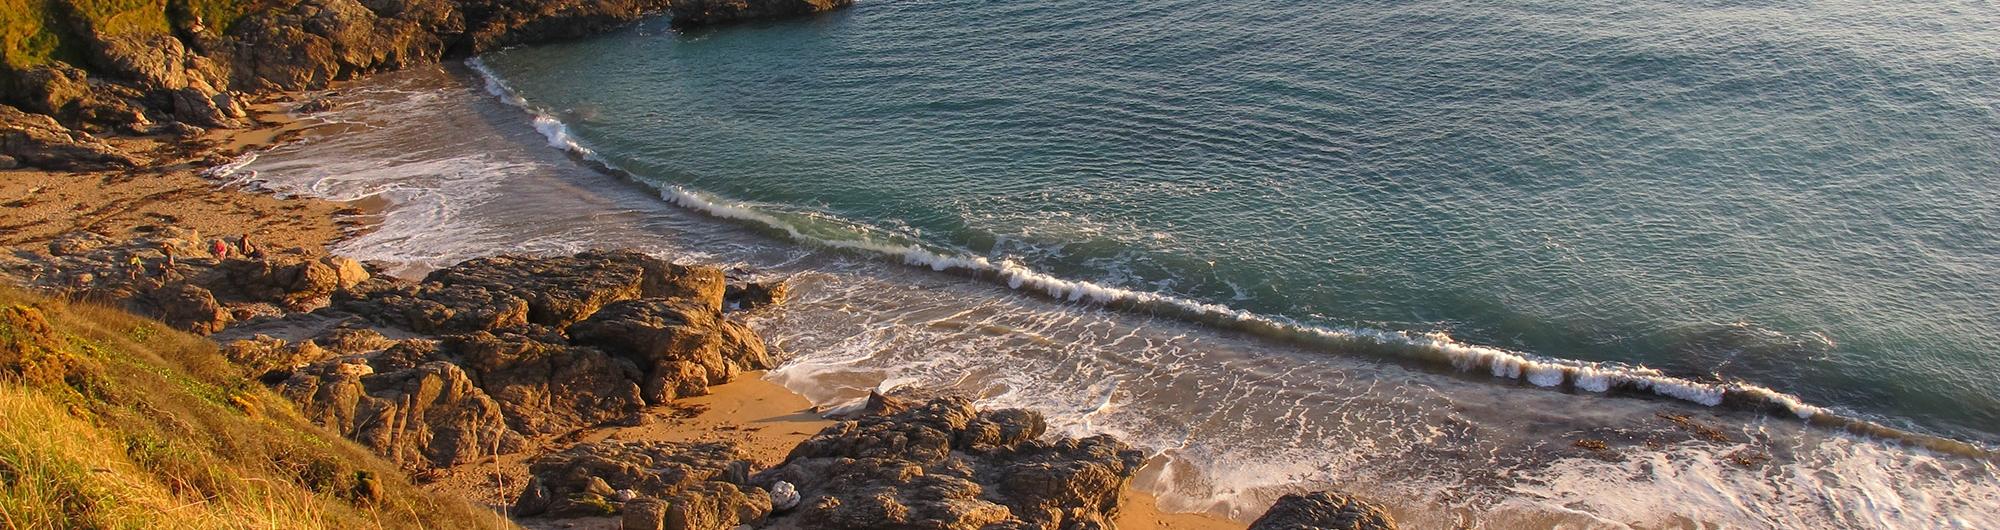 Mattescombe beach